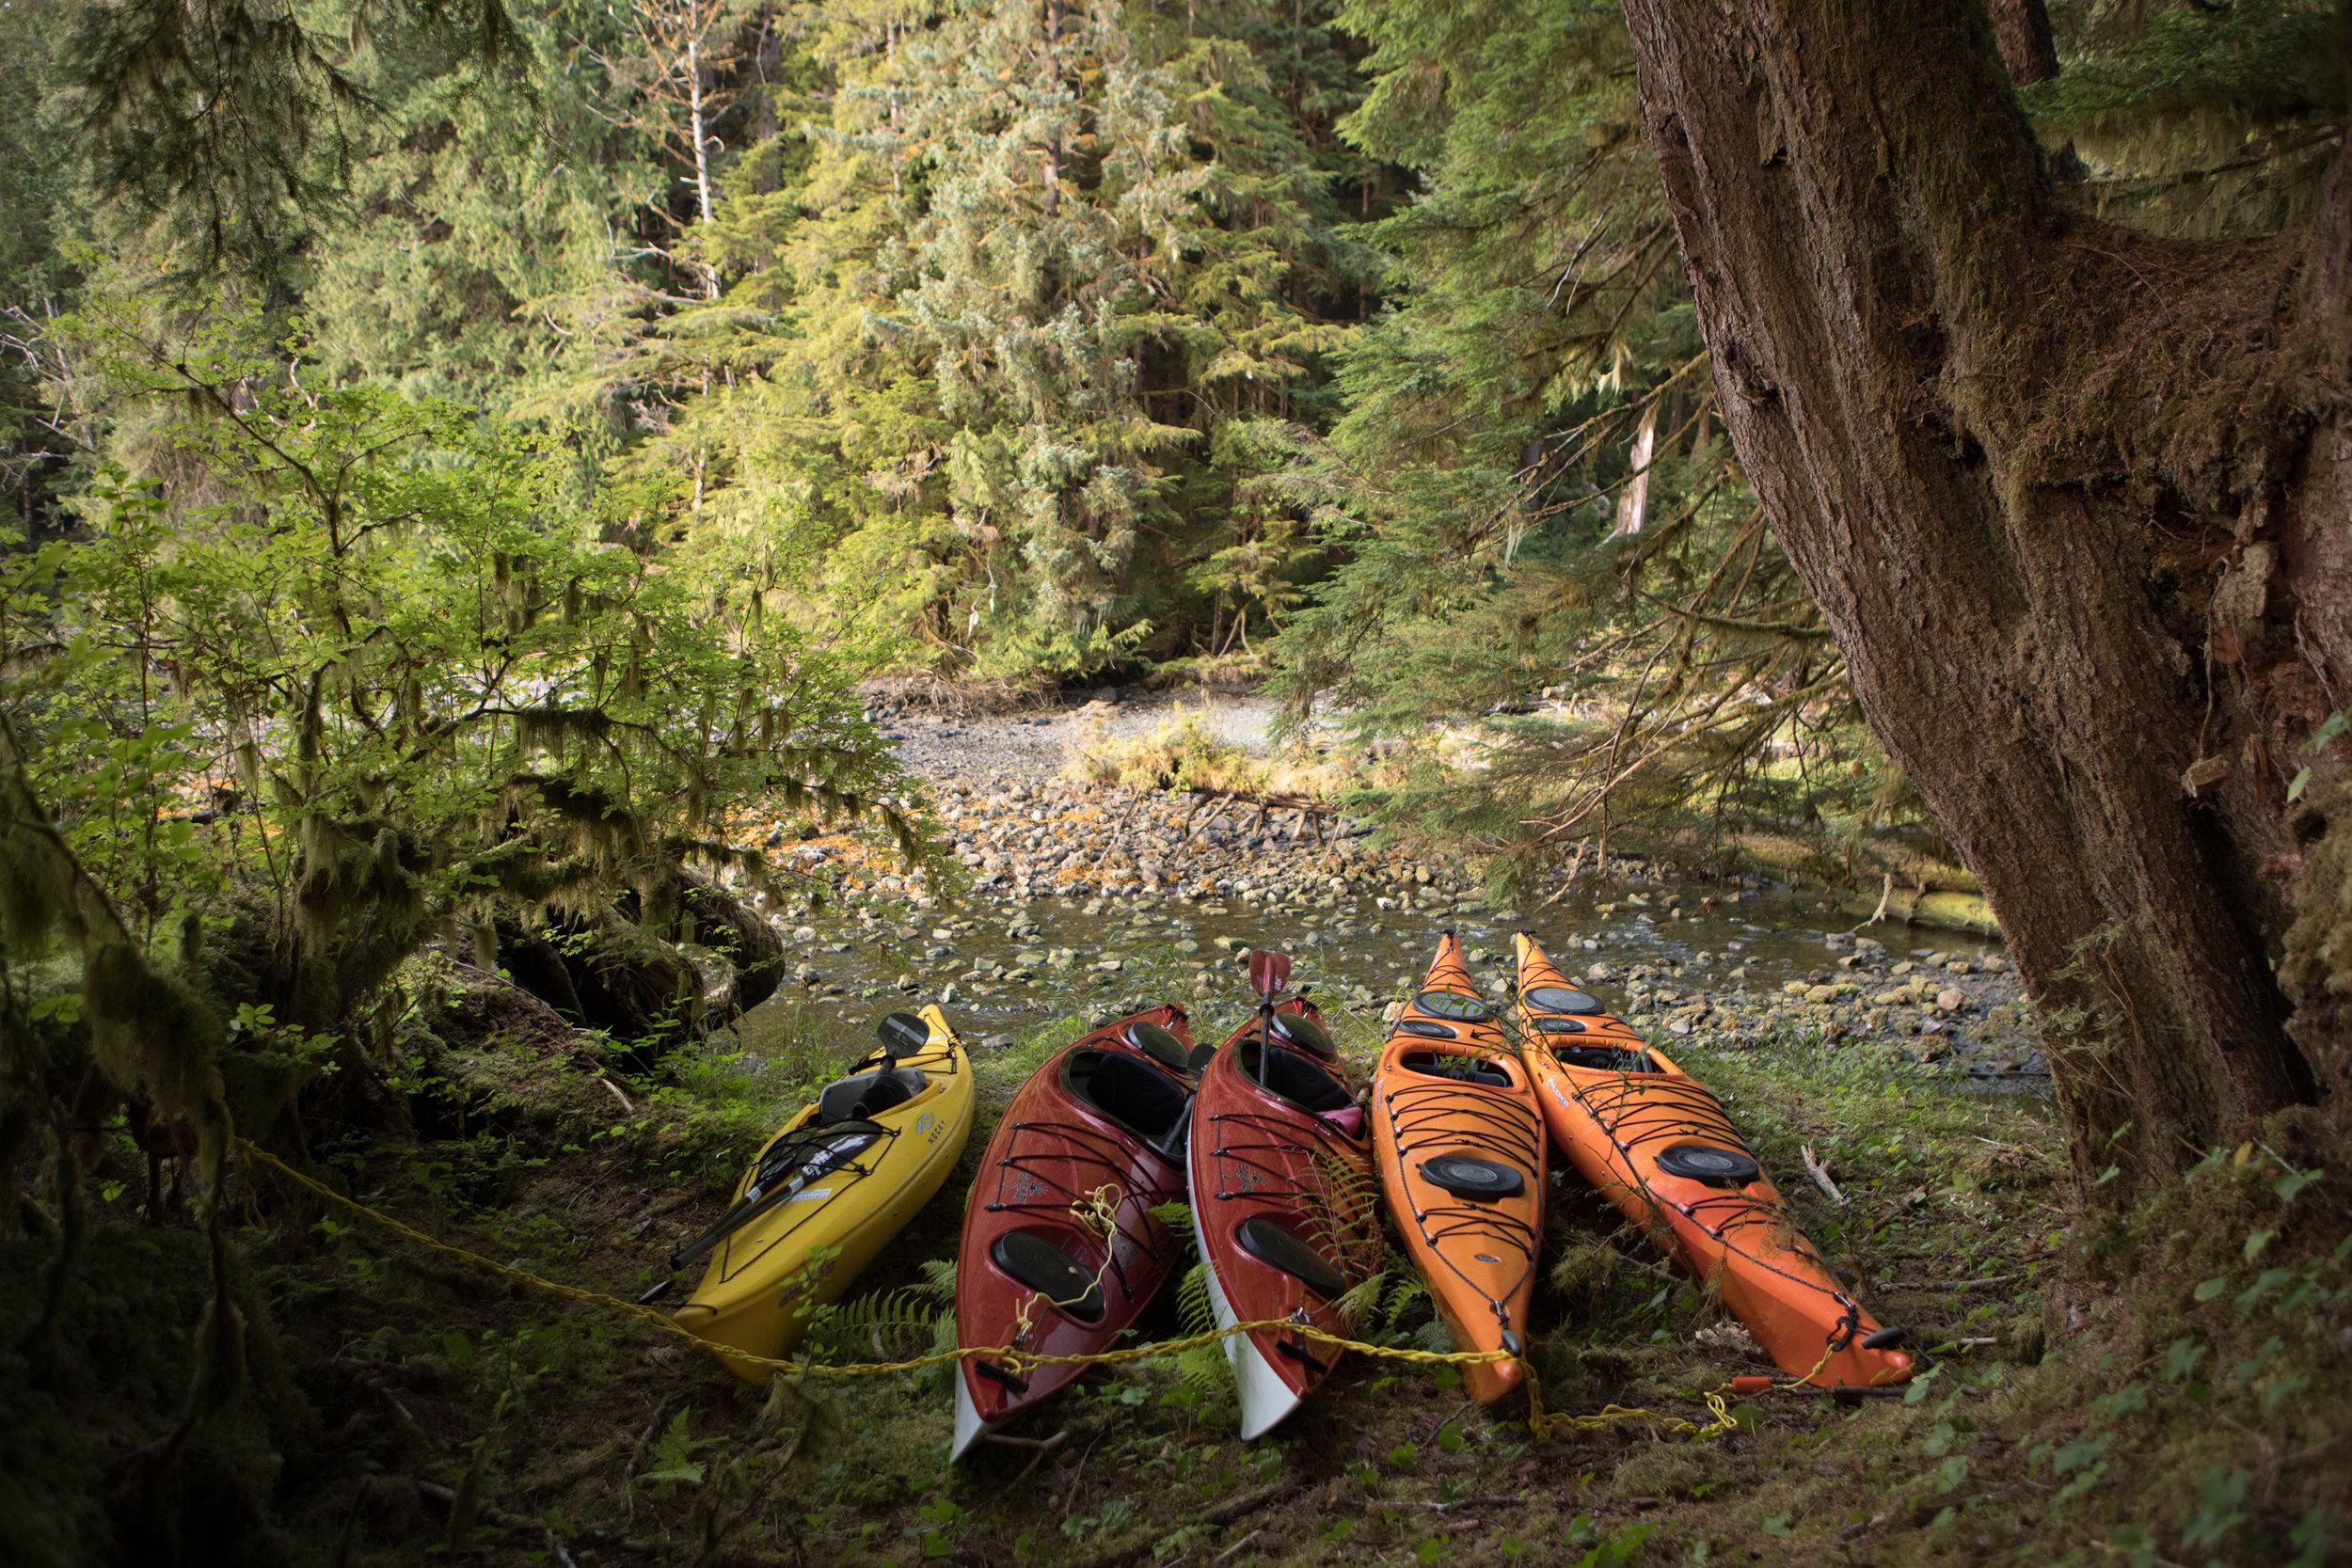 Securing kayaks at night.